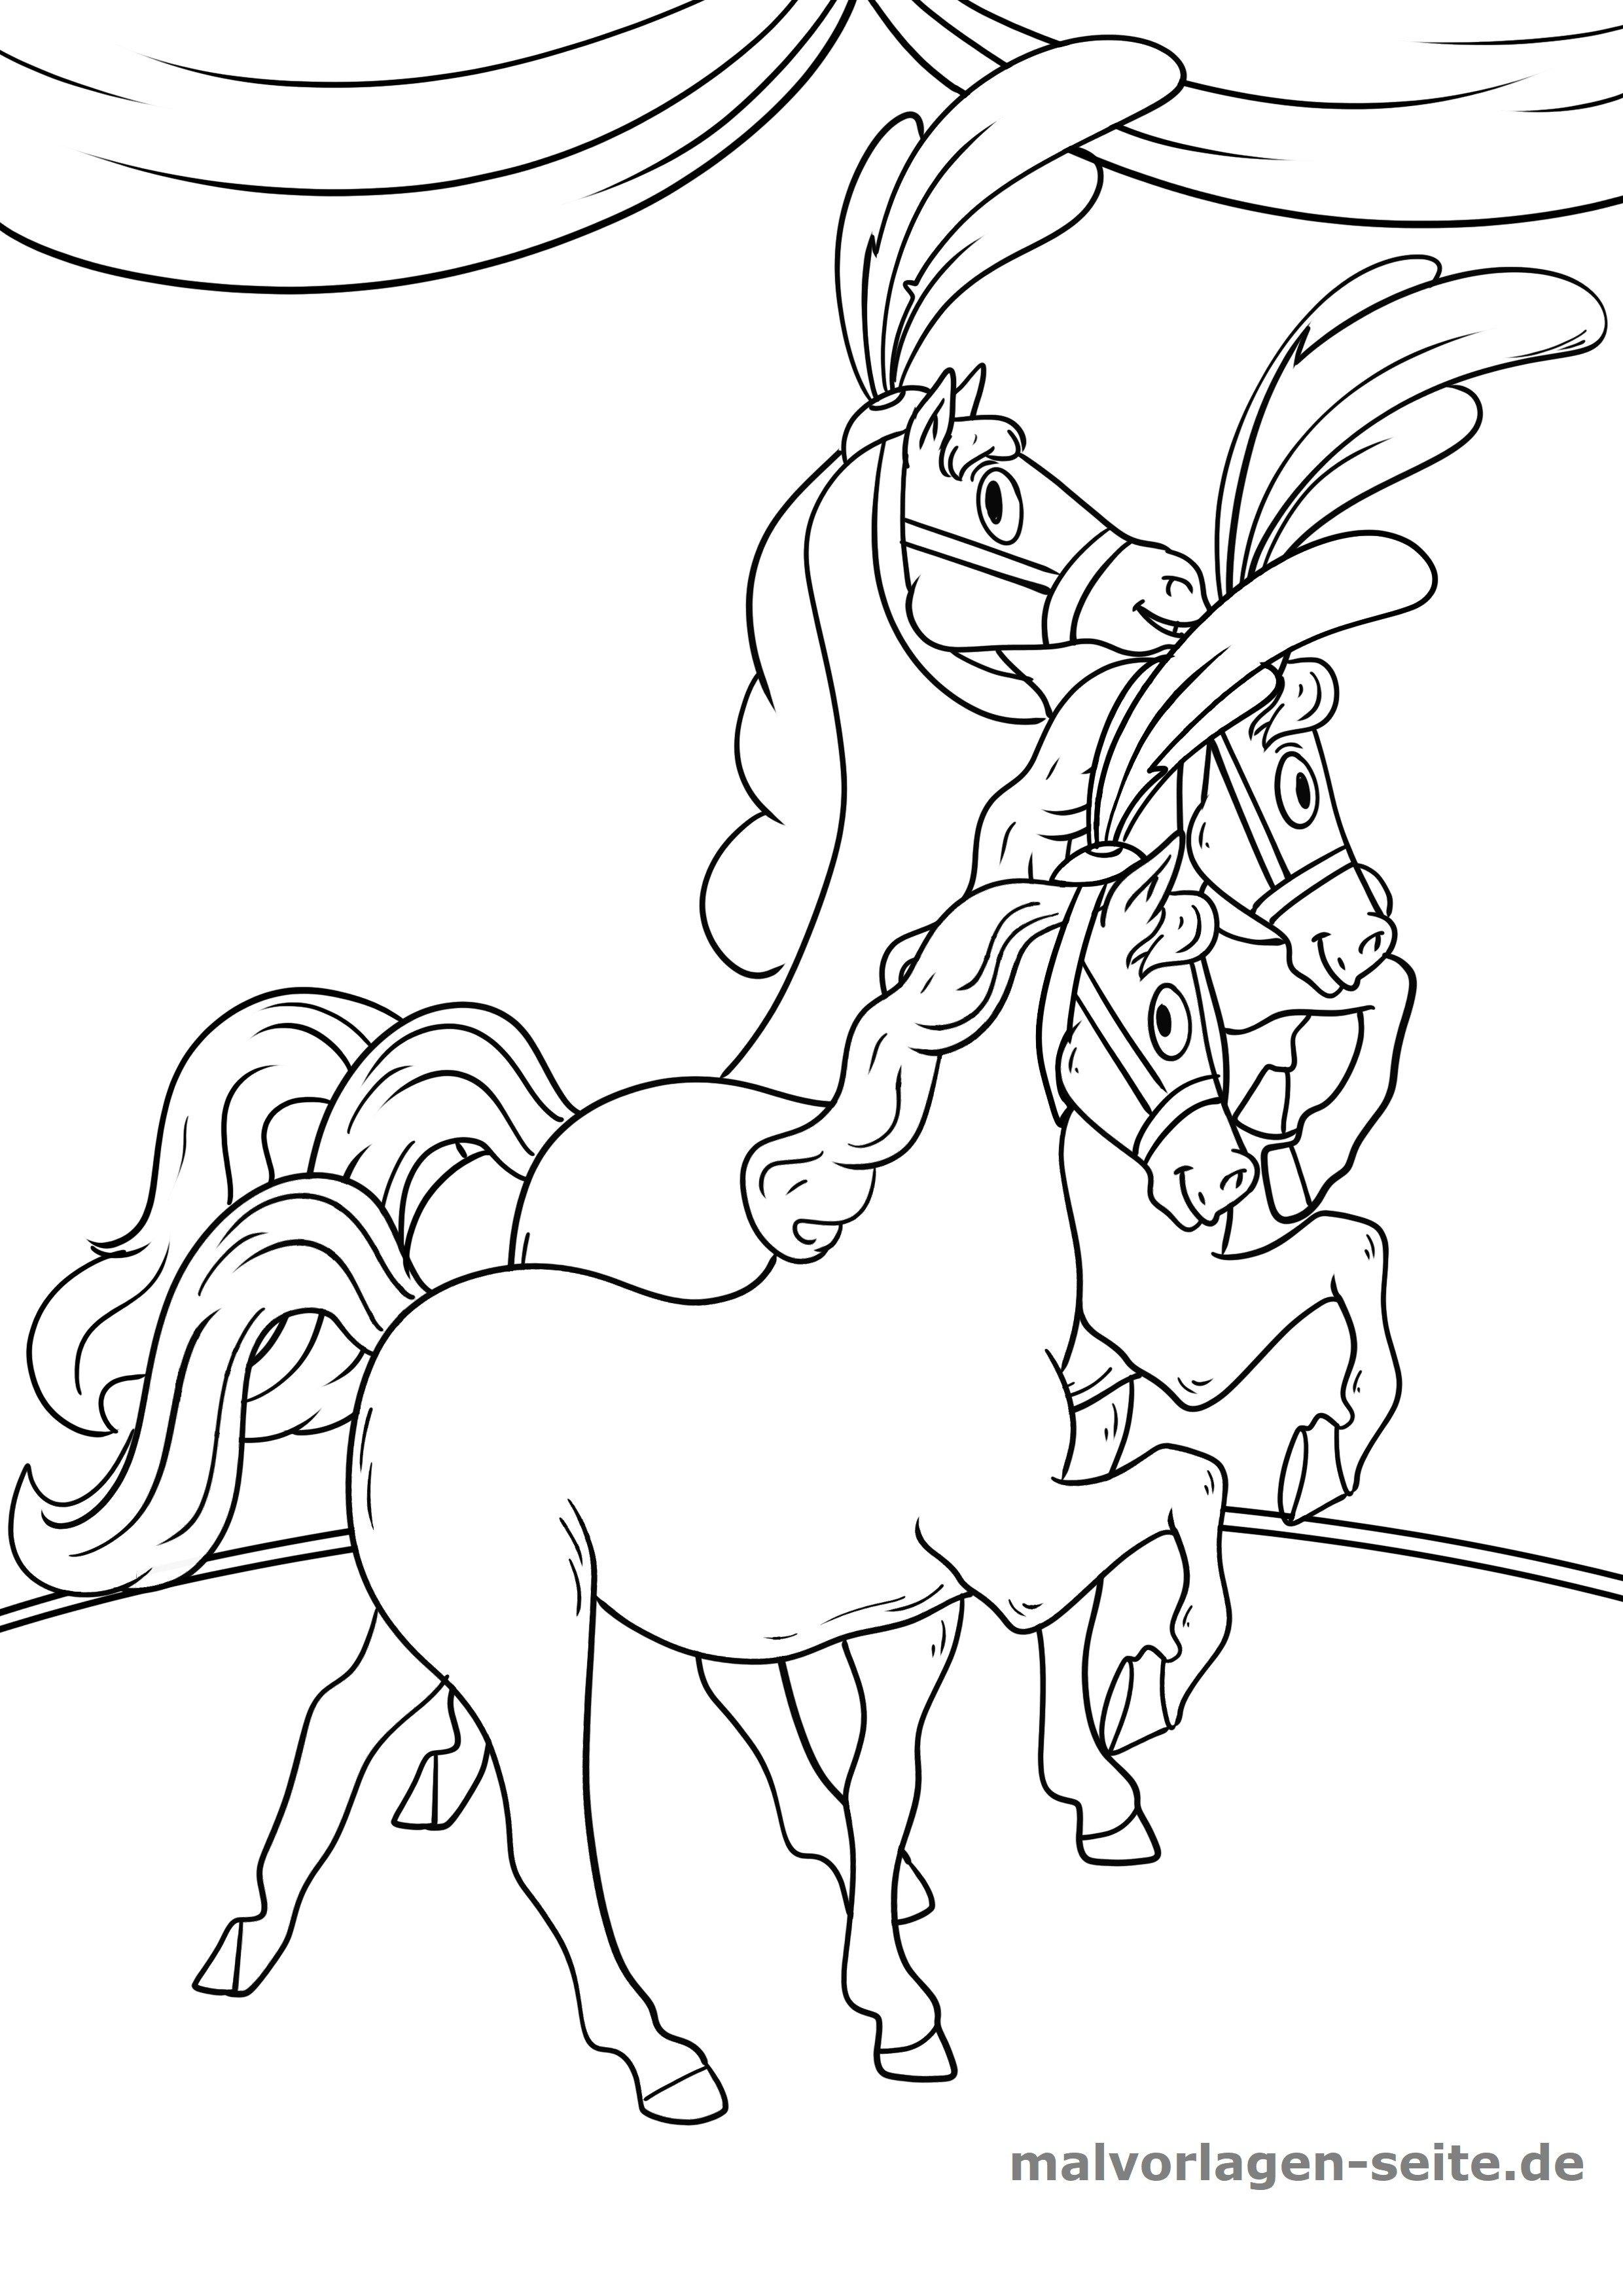 Malvorlage Zirkus Pferde - Kostenlose Ausmalbilder